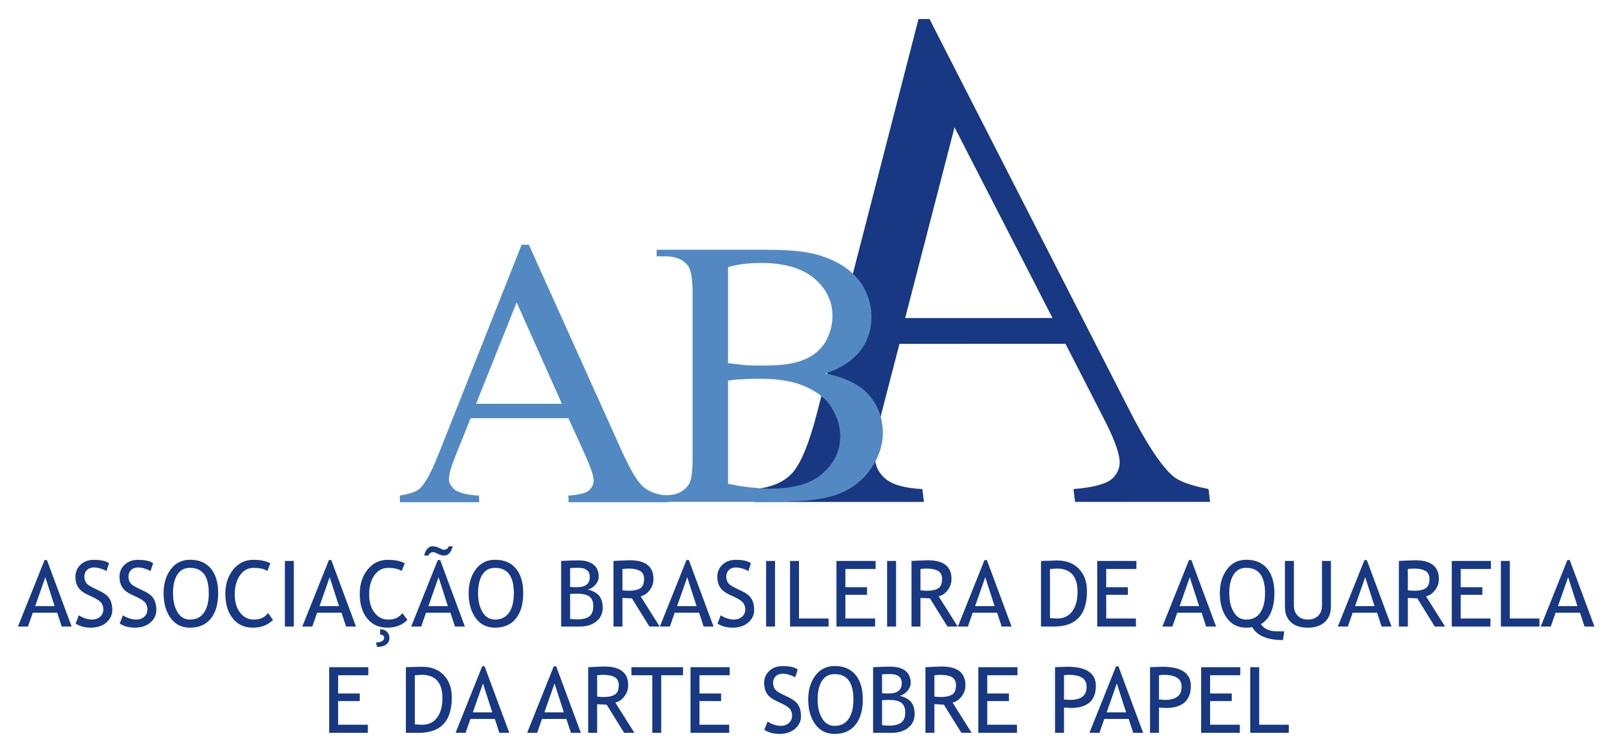 ABA – Associação Brasileira de Aquarela e da Arte sobre Papel